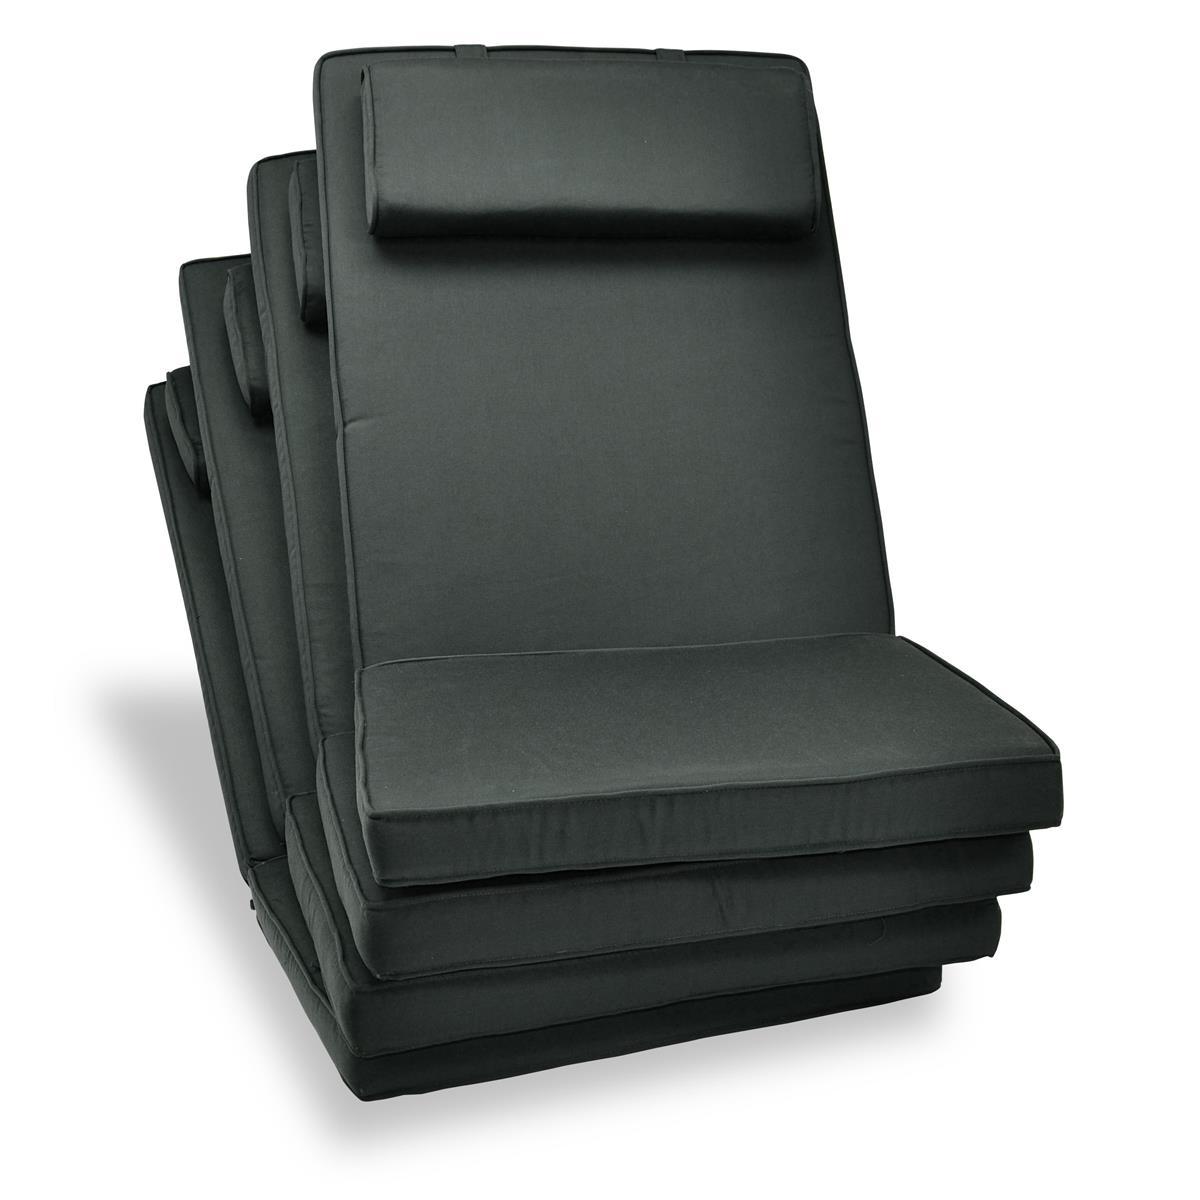 DIVERO 4-er Set Sitzauflage Stuhlauflage Hochlehner Gartenstuhl anthrazit